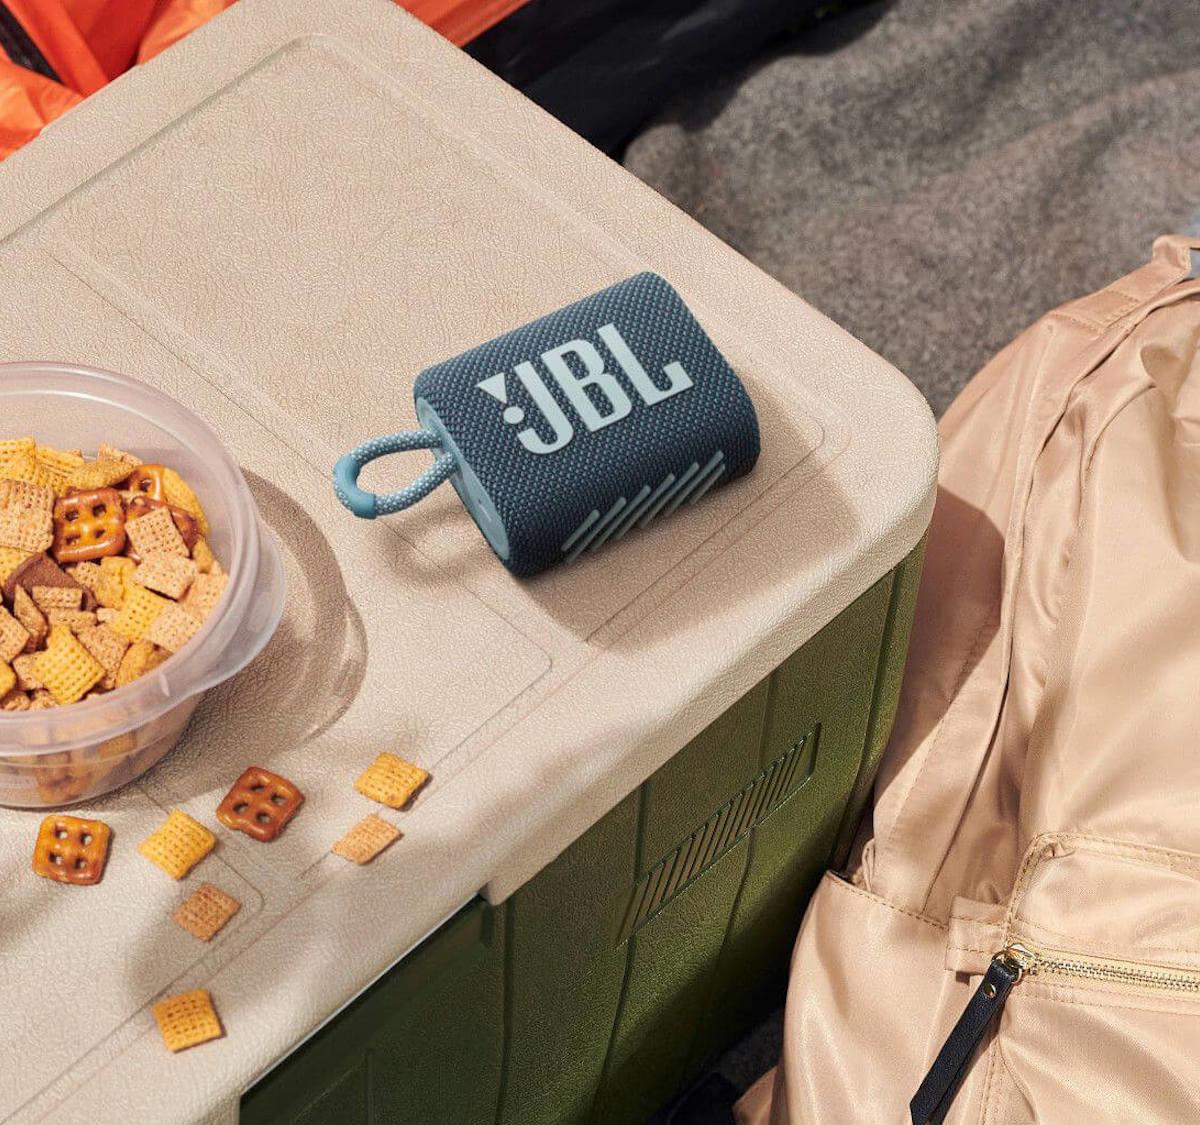 JBL Go 3 compact speaker is dustproof and waterproof